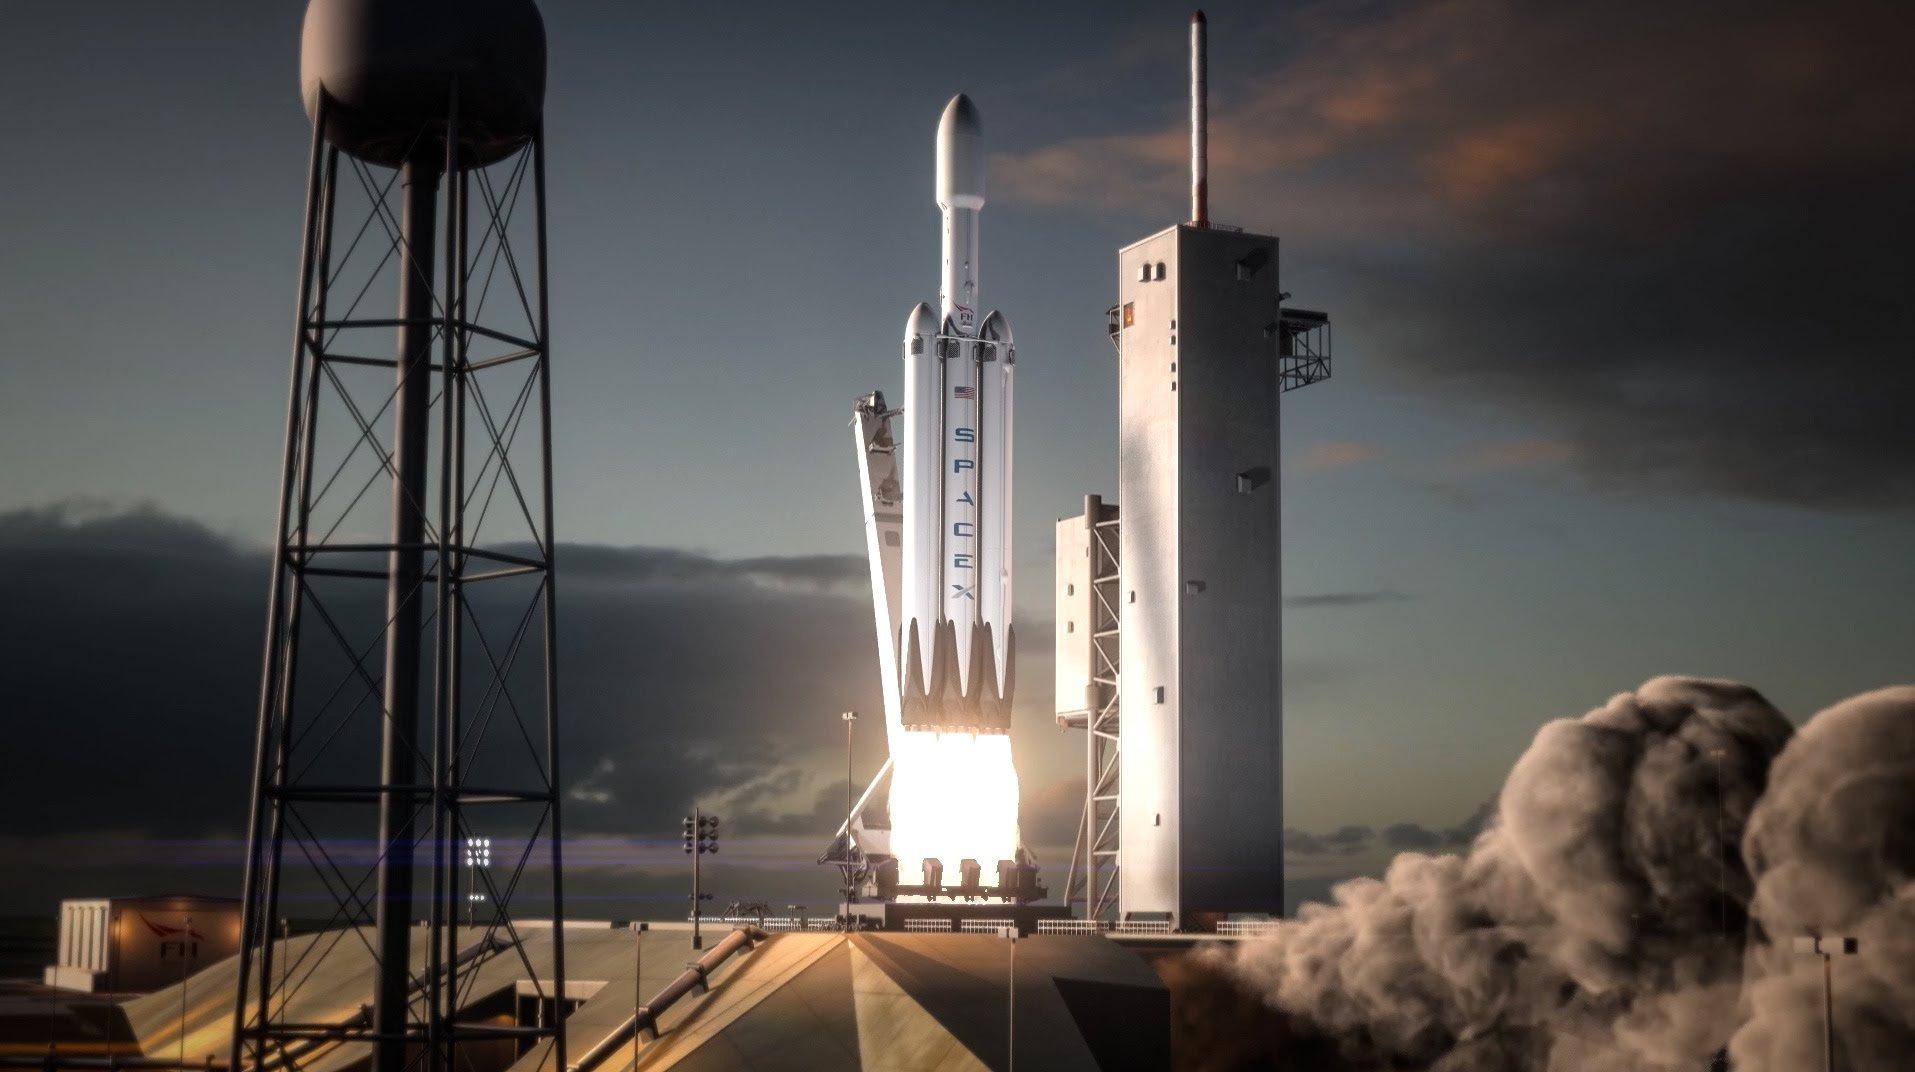 'SpaceX' şirkəti daxilində: İnsanları digər planetlərə göndərməyi özünə məqsəd qoymuş şirkətdə çalışmaq nə deməkdir?